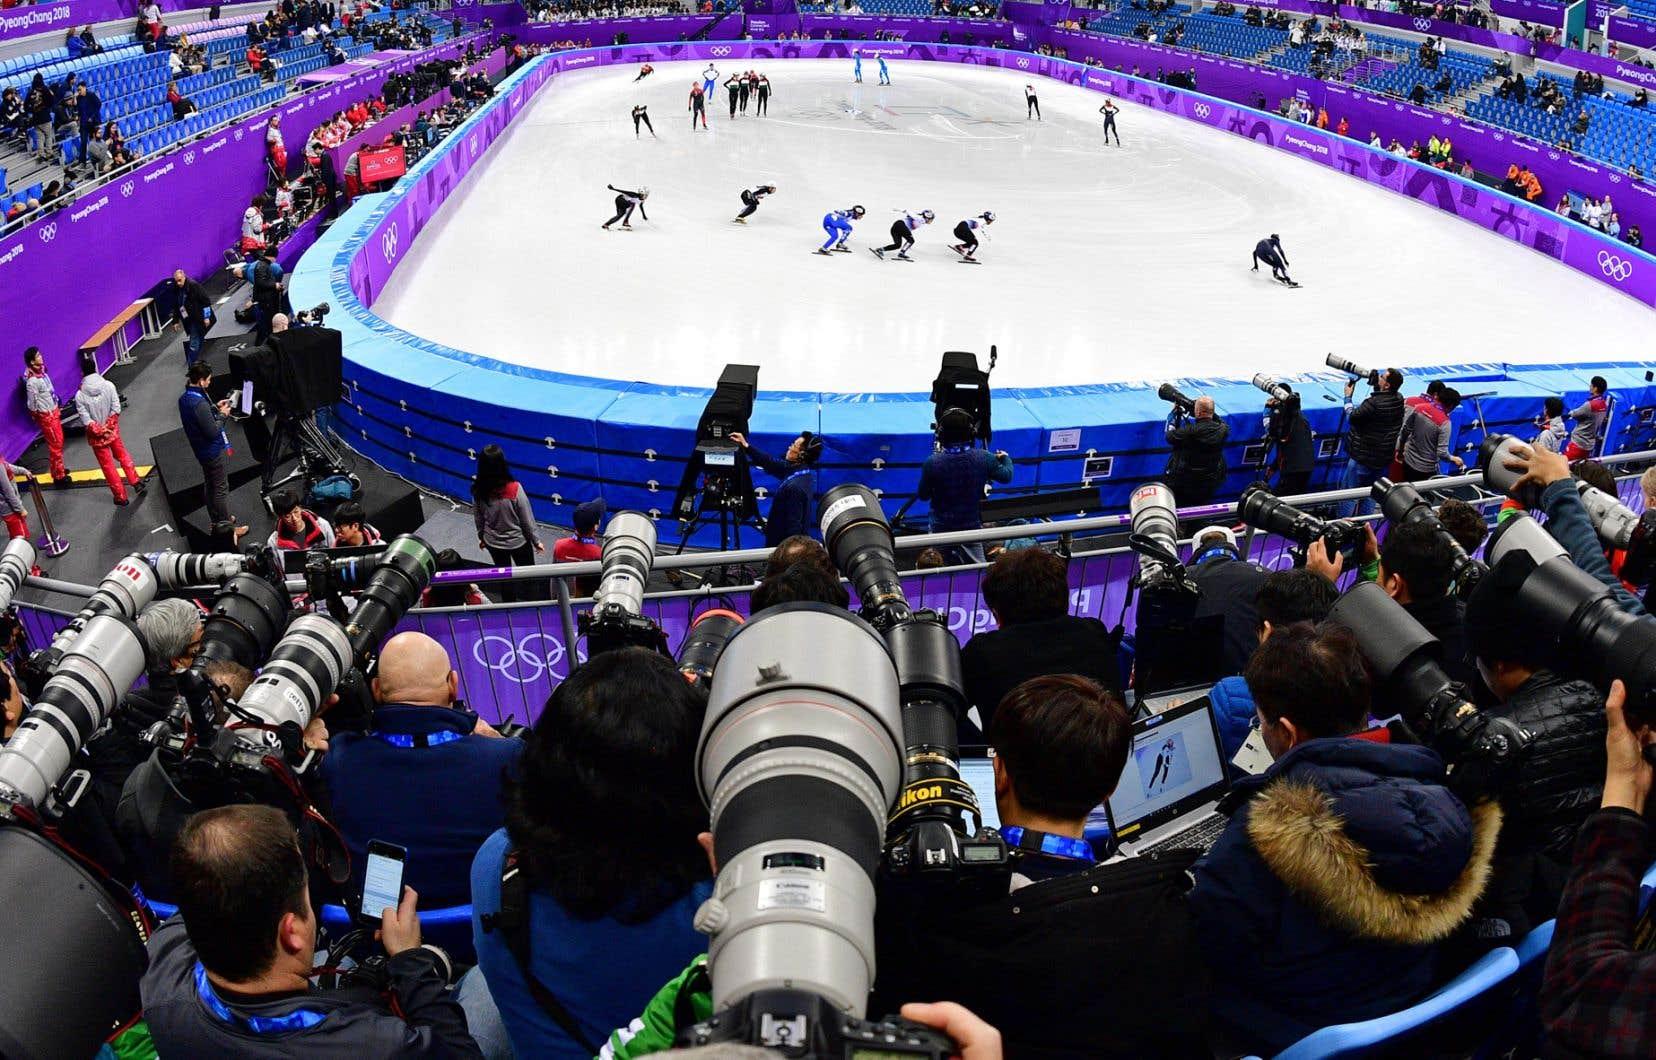 Vue de la niche médiatique de l'Ovale de Gangneung lors d'une séance d'entraînement de patinage de vitesse